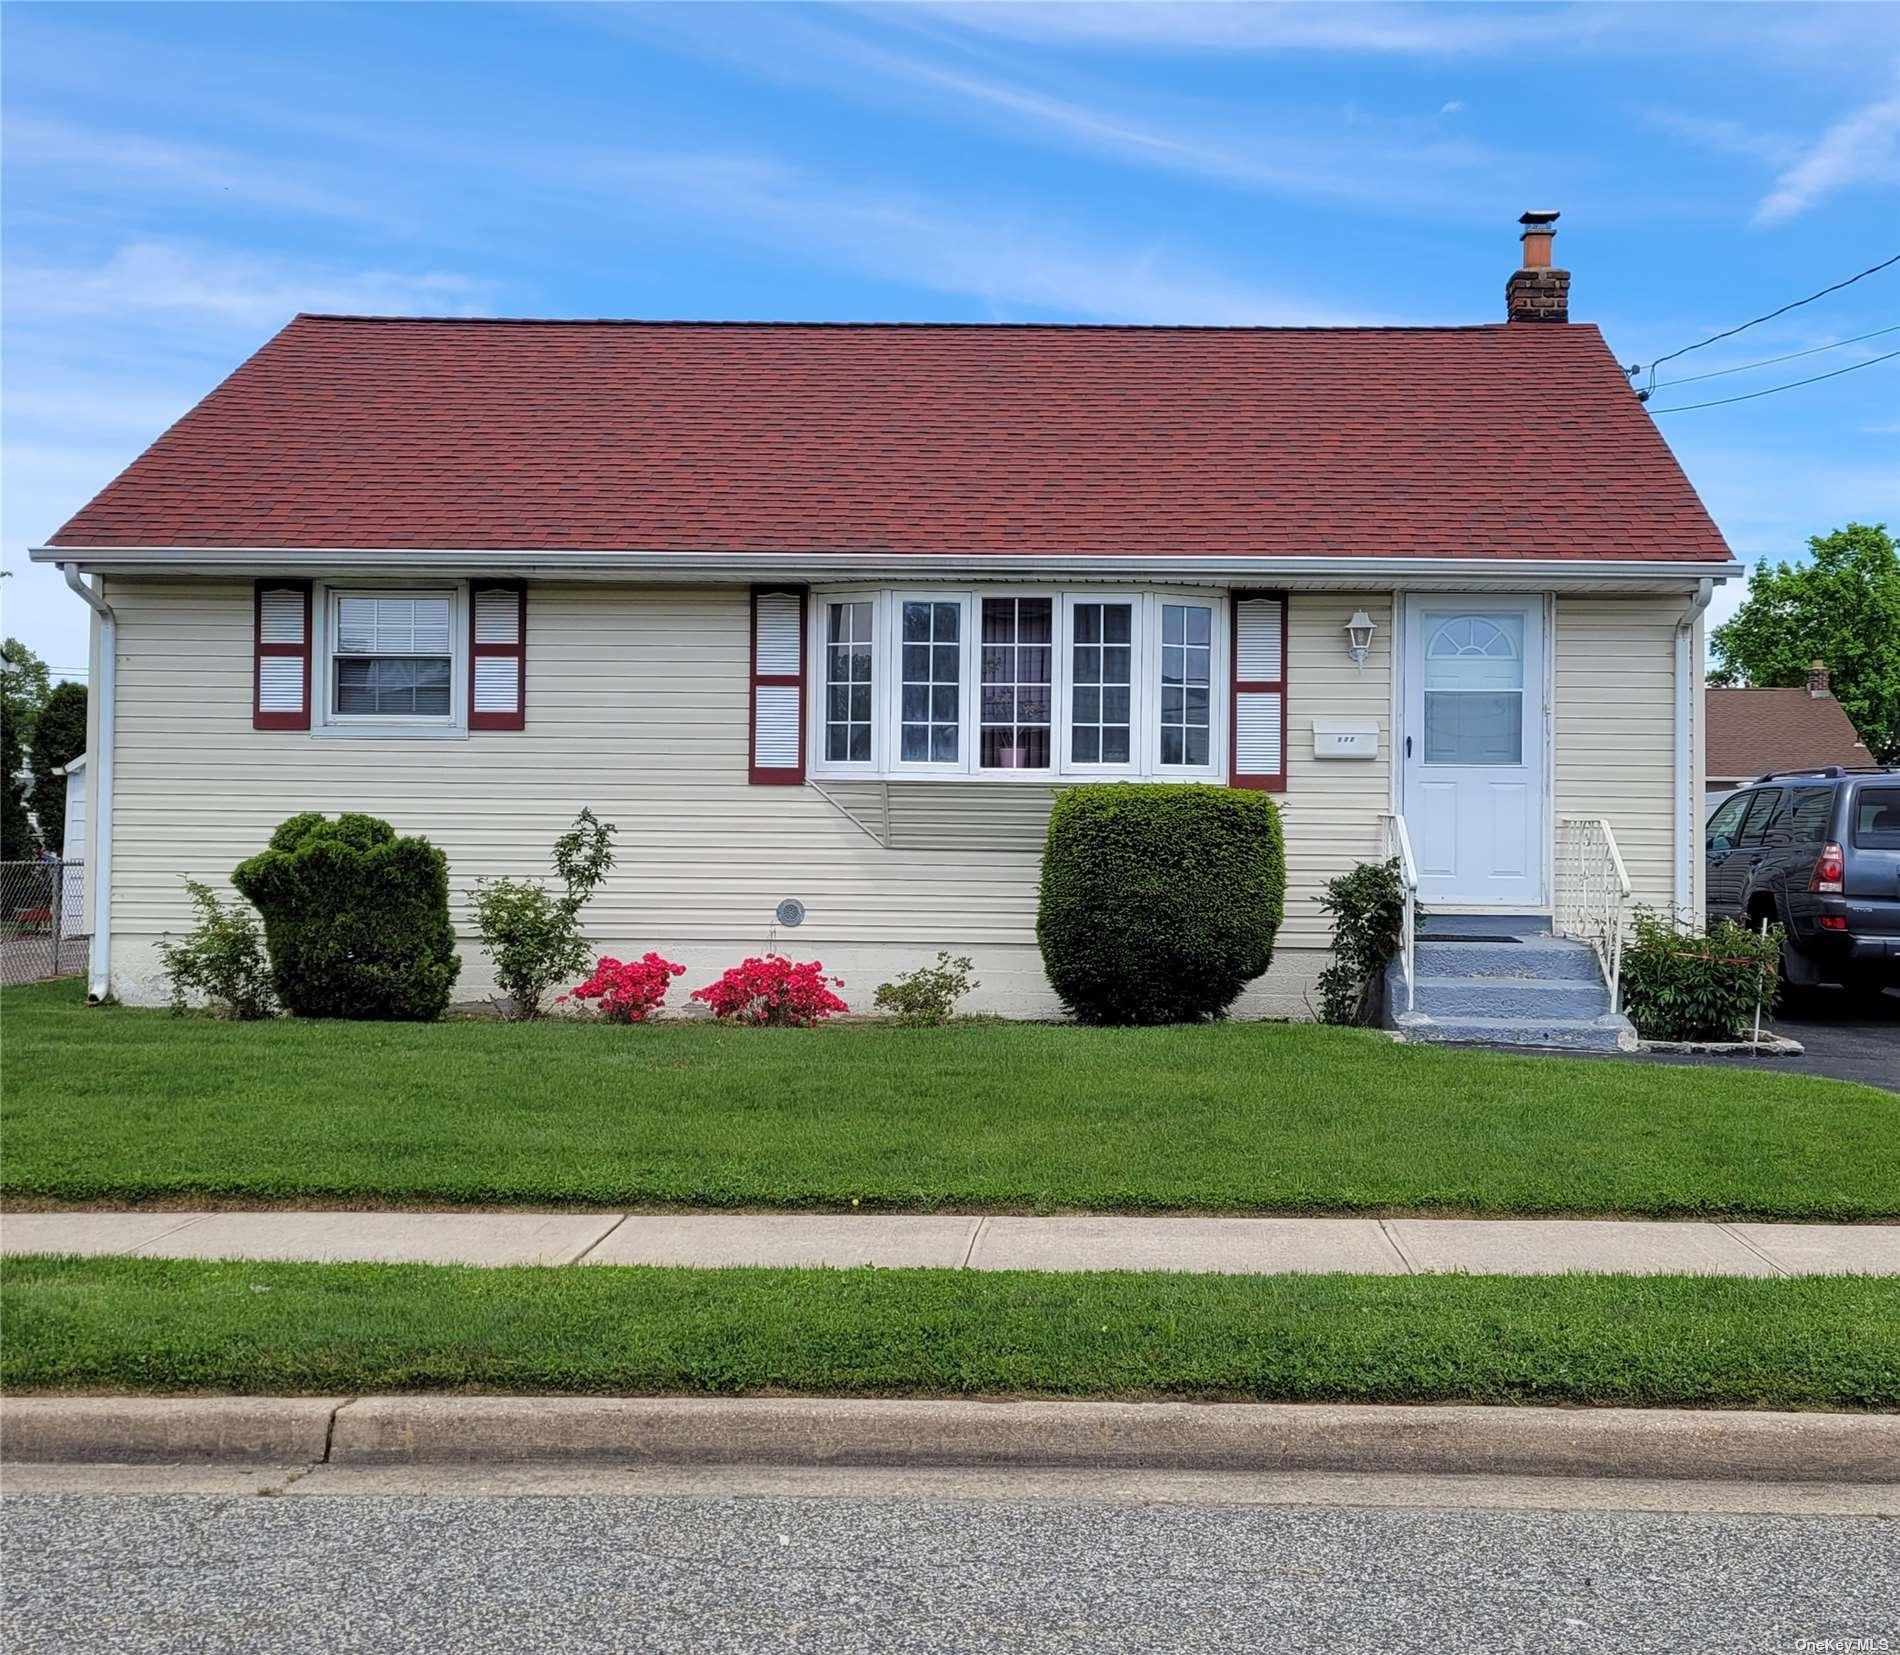 172 Ohio Street, Hicksville, NY 11801 - MLS#: 3311550